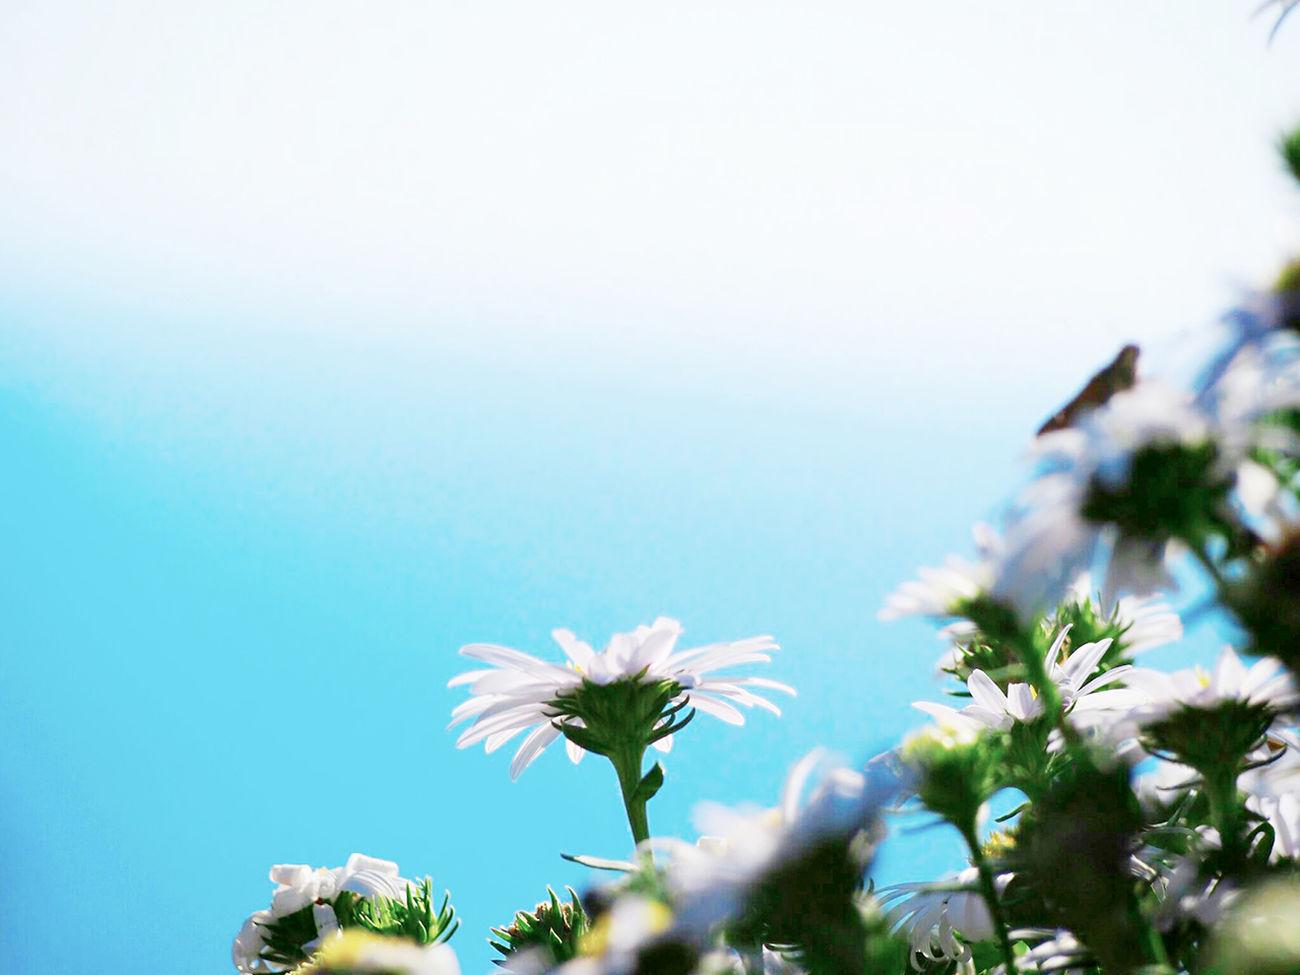 心が雲ったら…晴れた空を見上げよう 空 Sky Sky_collection 野菊 Flower Flower Collection Nature Beauty In Nature EyeEm Nature Lover Taking Photo My Point Of View EyeEm Best Shots - Nature